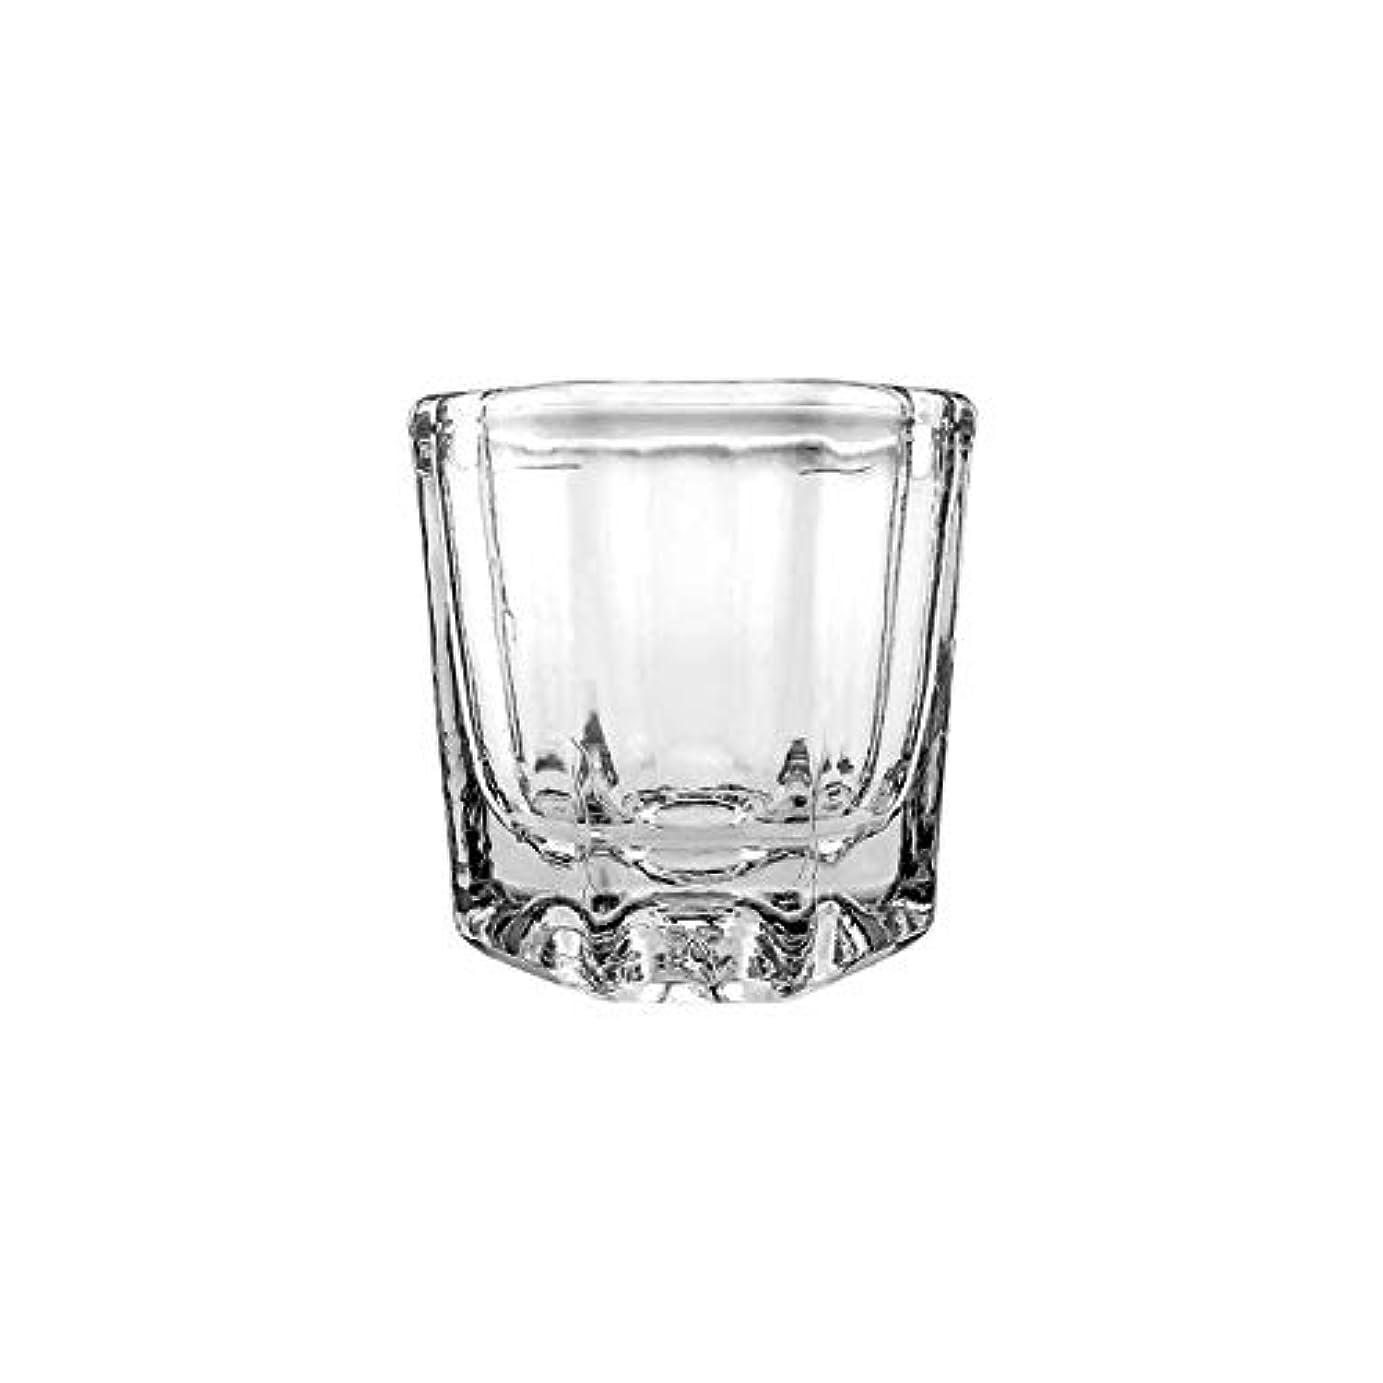 操作形ユニークなLALONA ダッペンディッシュ (ガラス製) (耐溶剤) ジェルネイル スカルプチュア ブラシの洗浄に